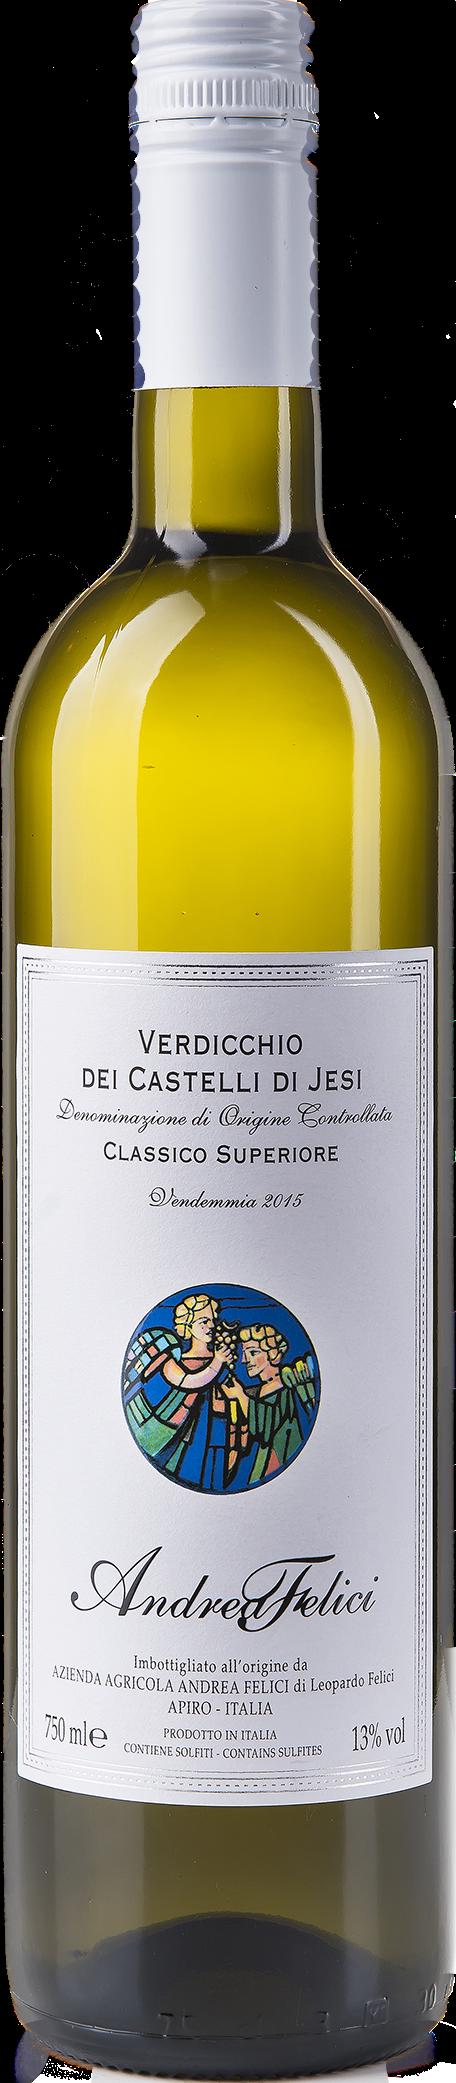 Classico superiore Andrea Felici - Verdicchio dei Castelli di Jesi 2015